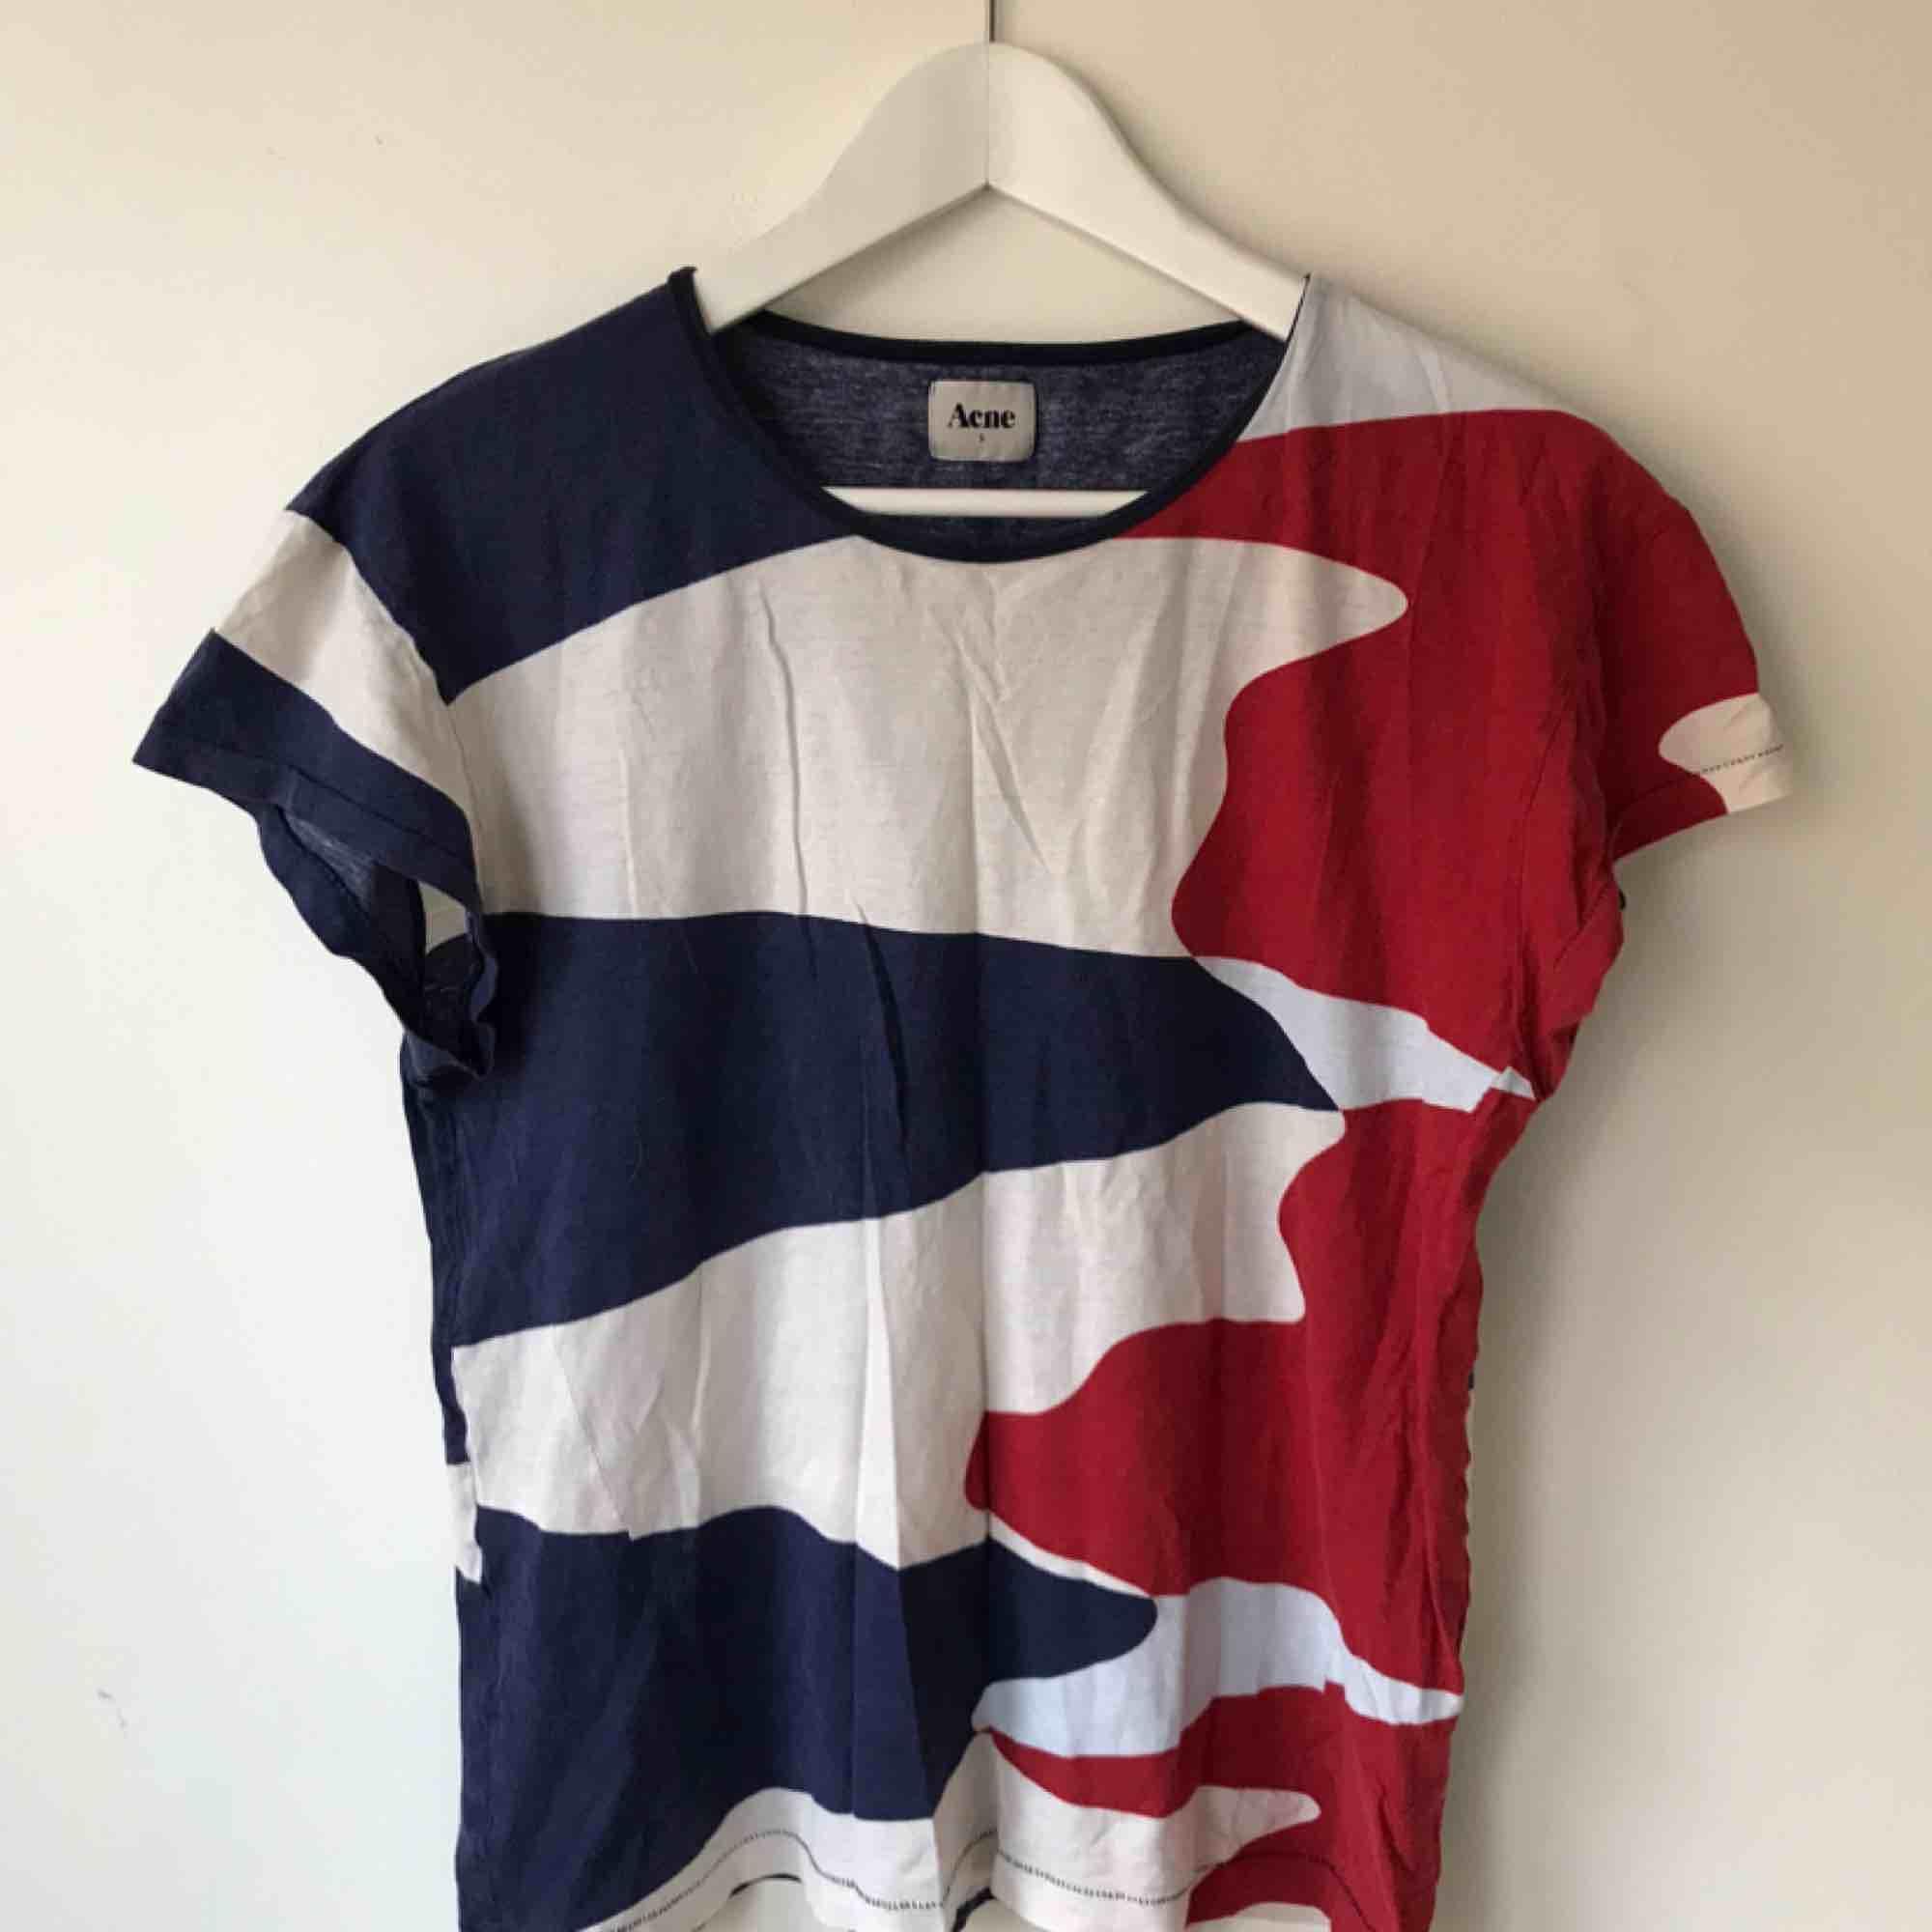 Acne T Shirt i röd/blått - välanvänd så säljs i befintligt skick. Går bra att hämta på Södermalm annars kostar frakt 50 kr. . T-shirts.